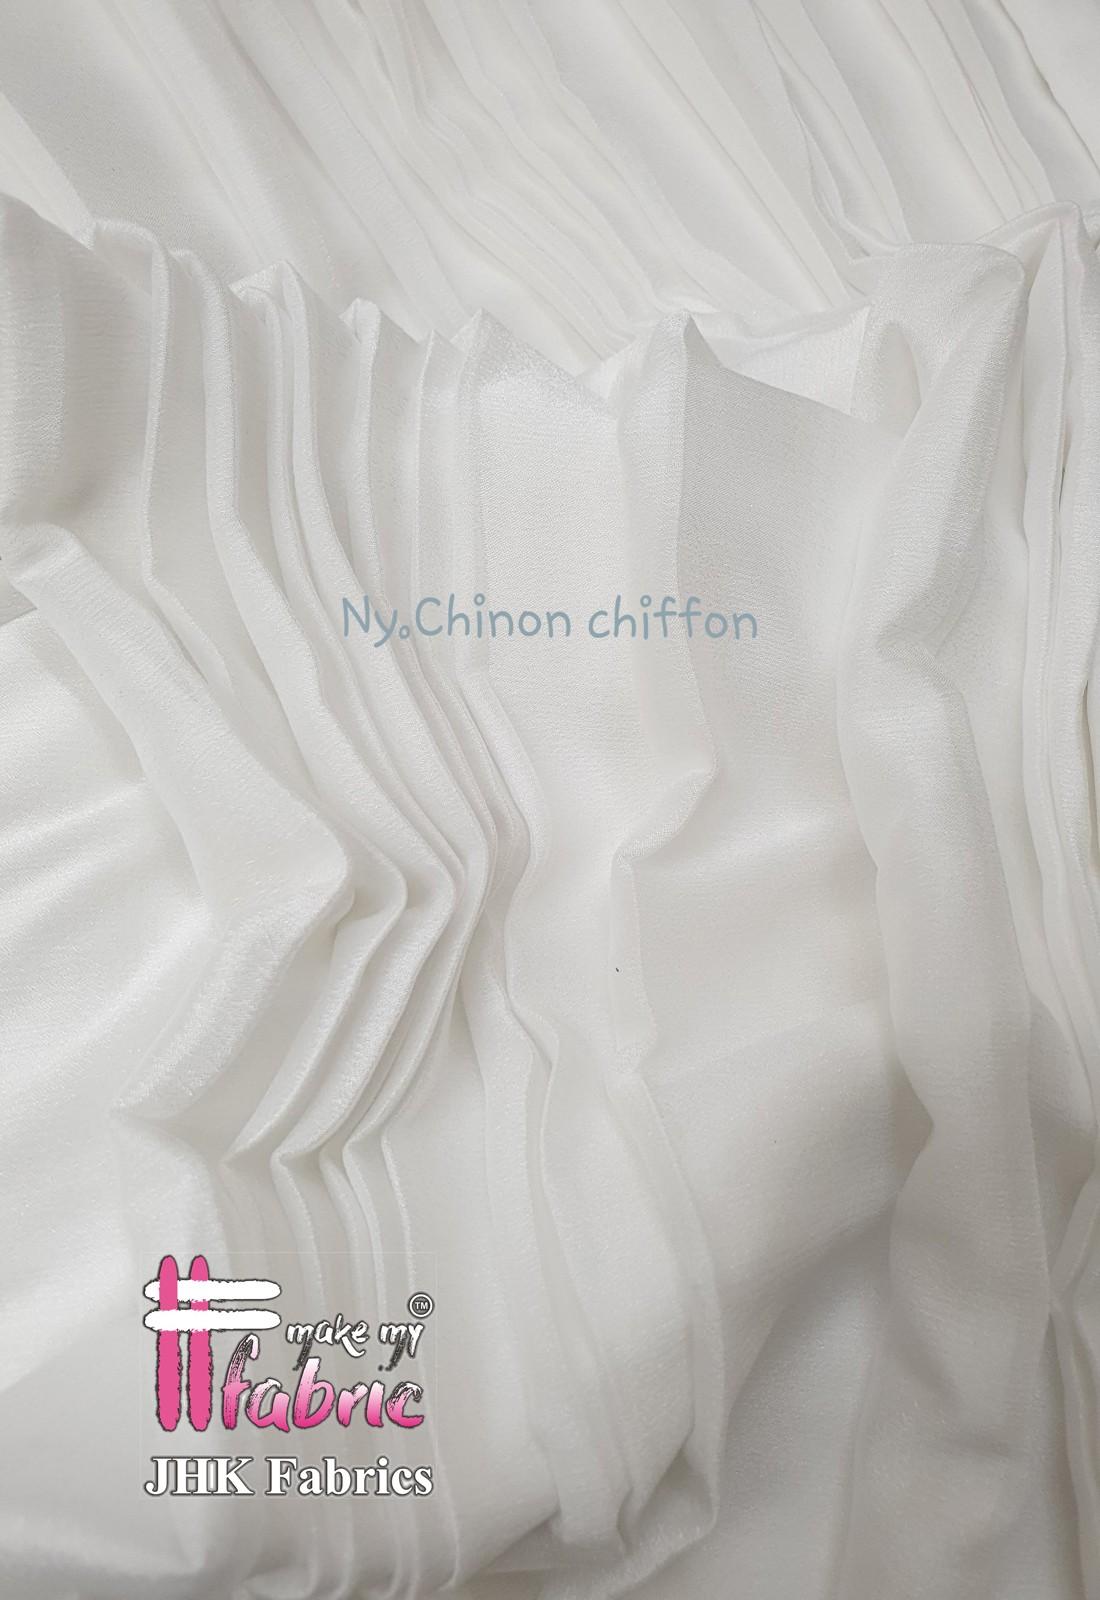 Ny Chinon Chiffon